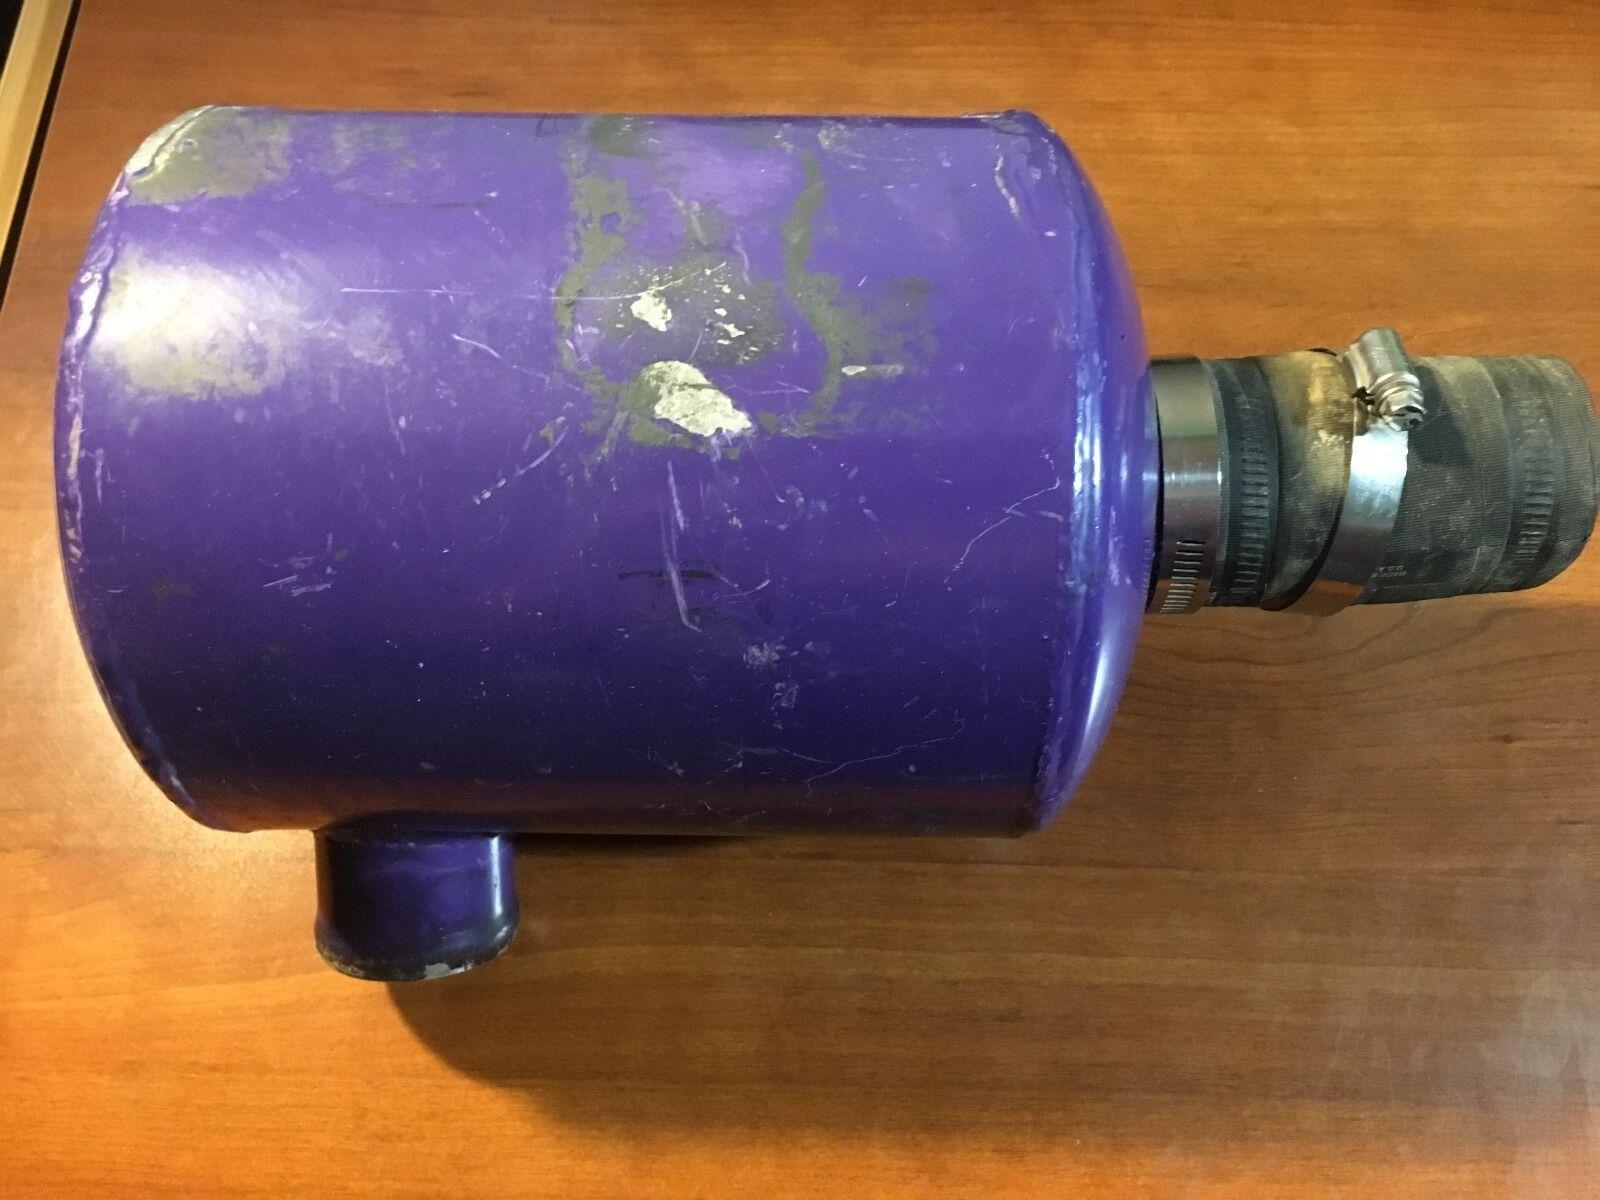 1996 Seadoo Bombadier 600xp Exhaust Muffler Water Box